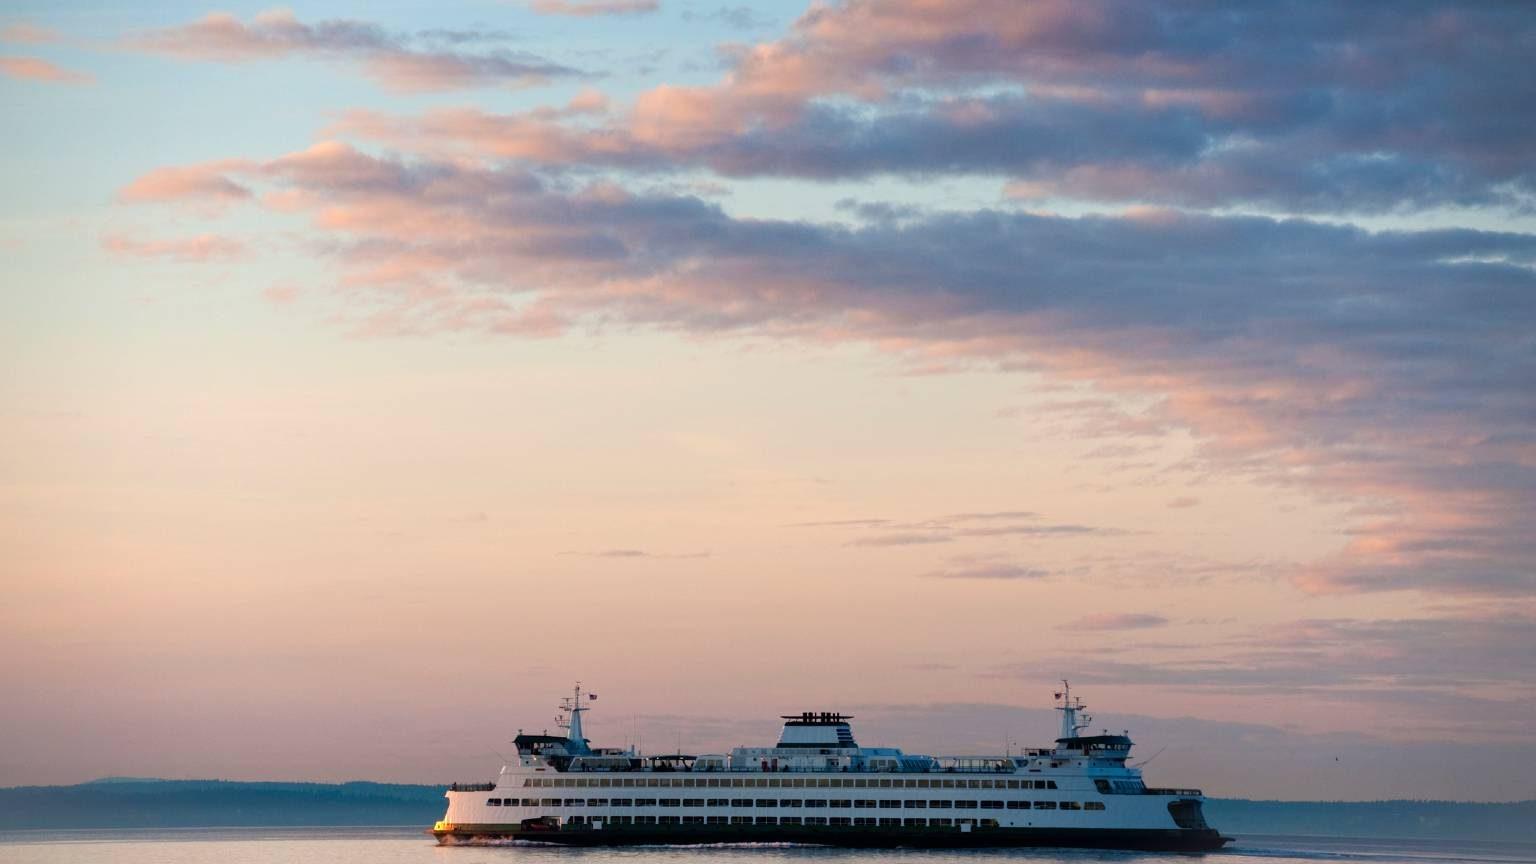 Ferry Boat Crossing Elliott Bay from Seattle to Bainbridge Island